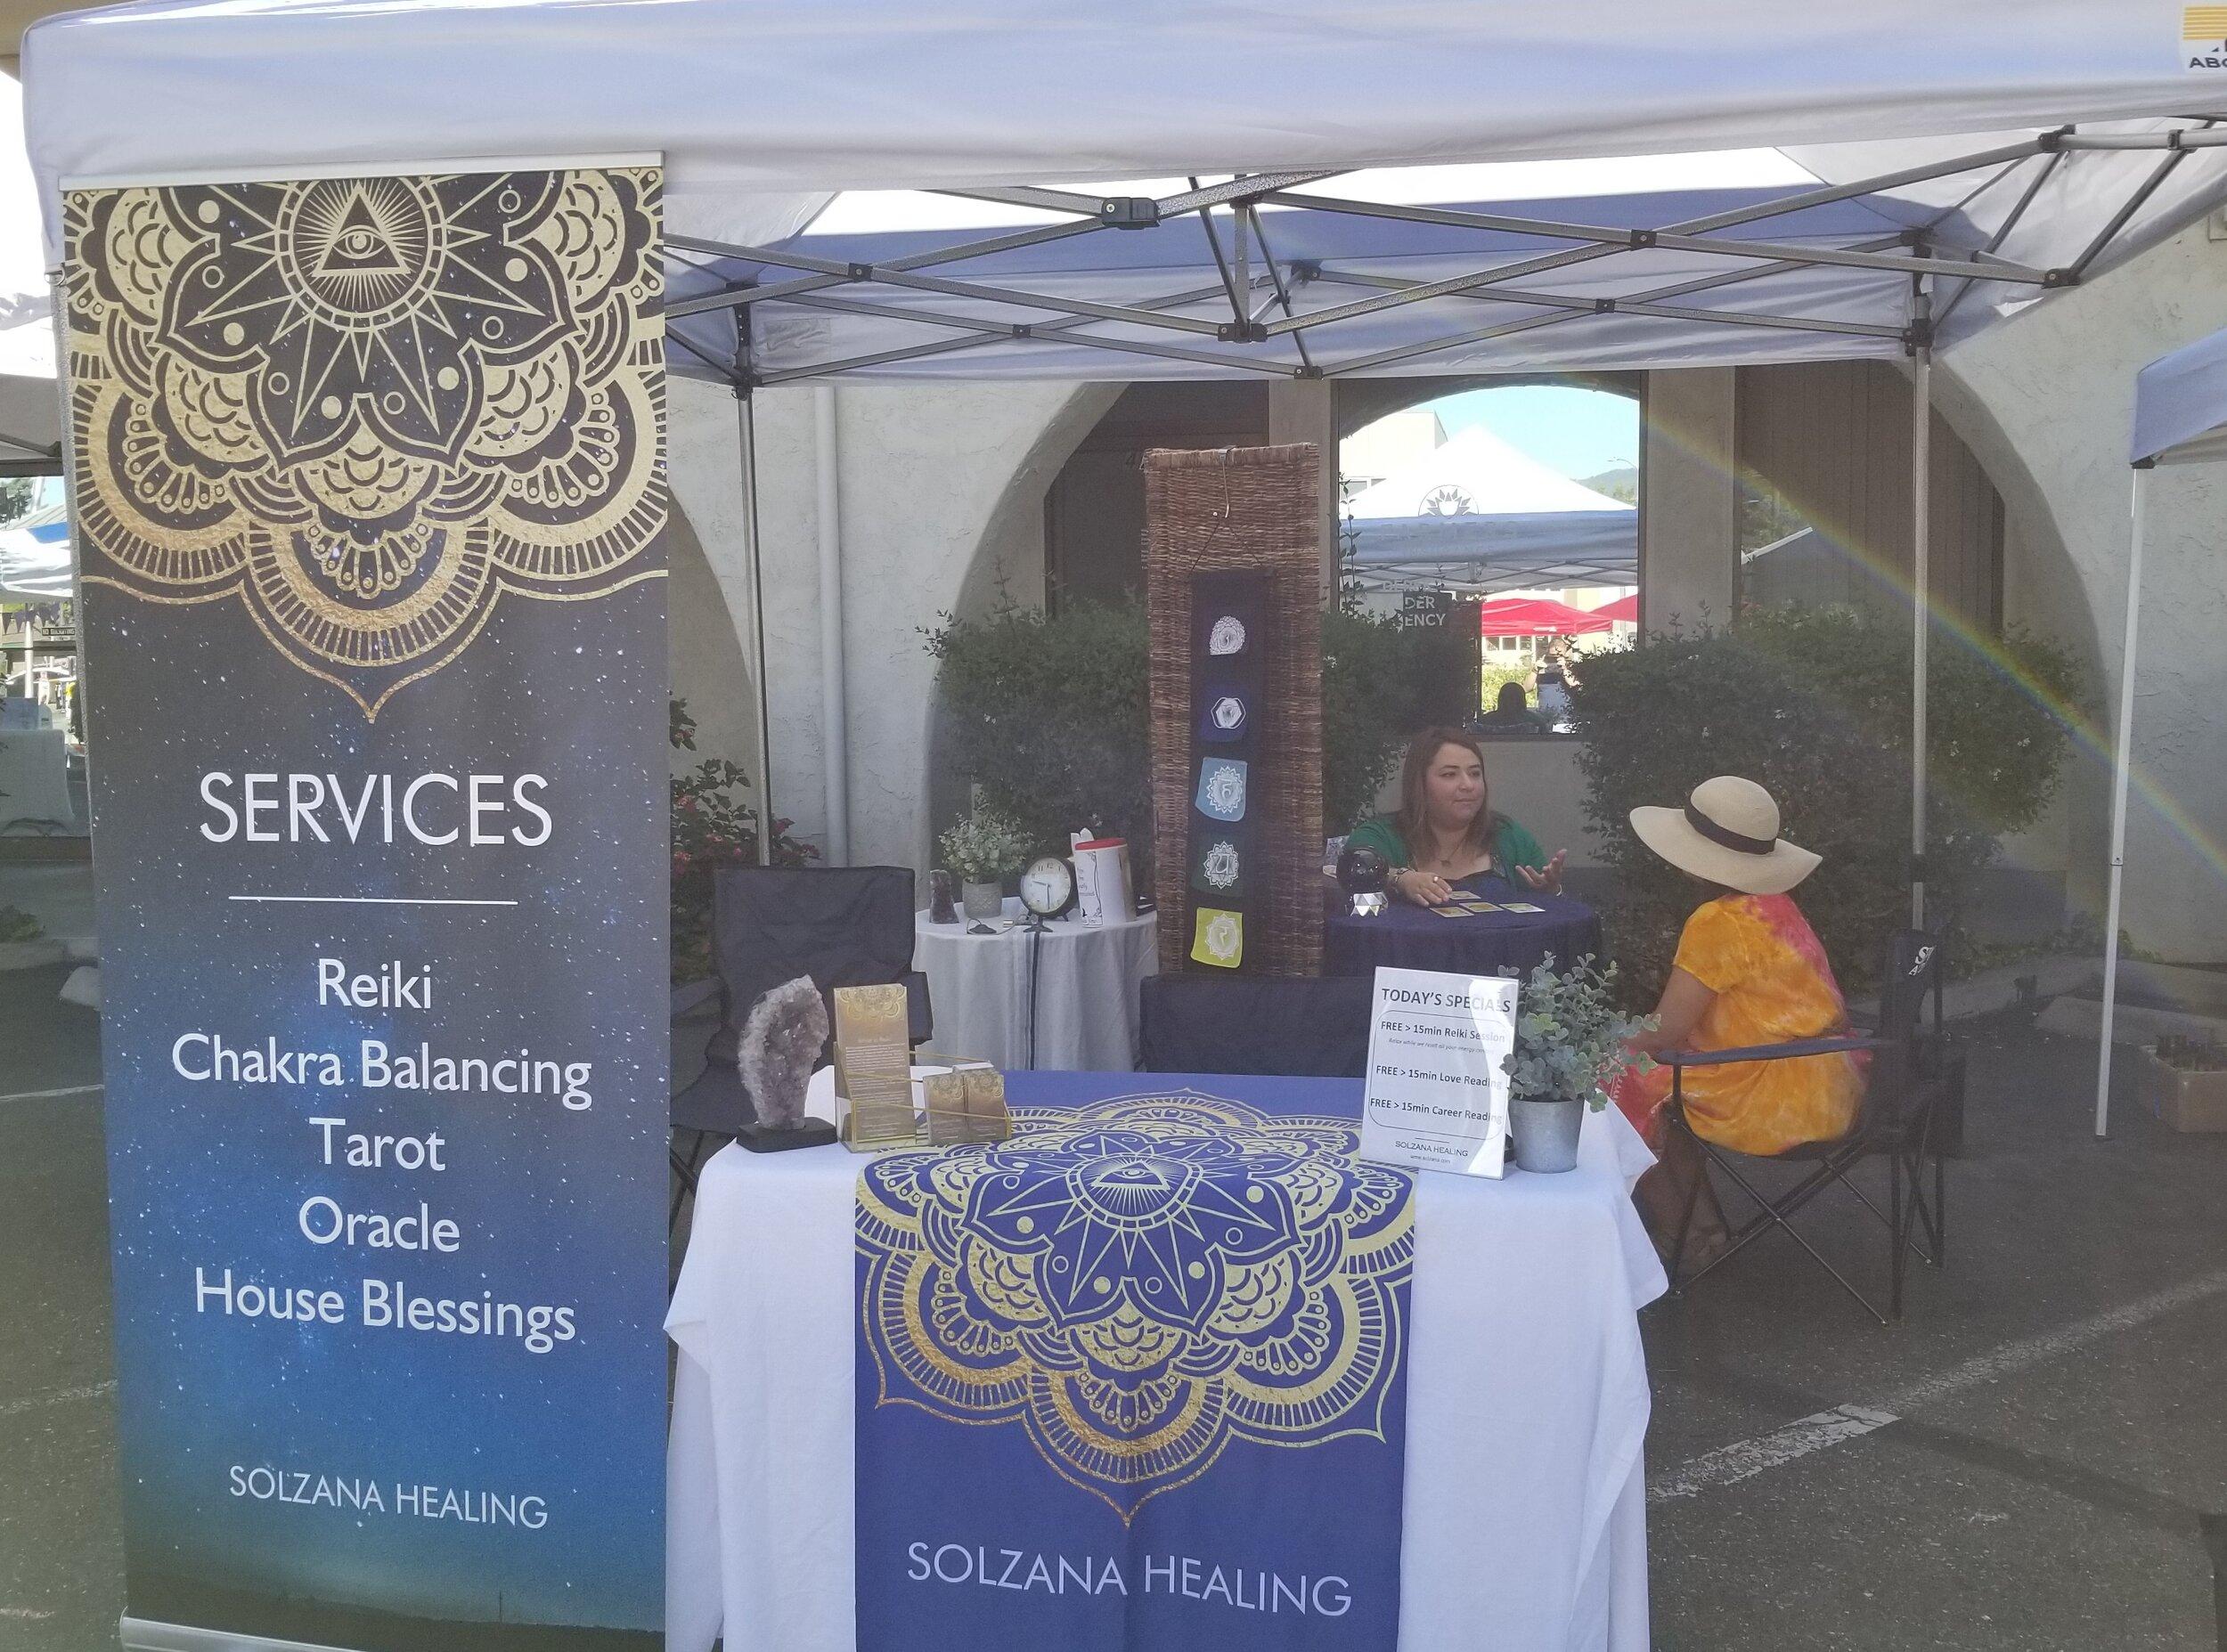 Last years Solzana Healing Booth (Aug. 2018)